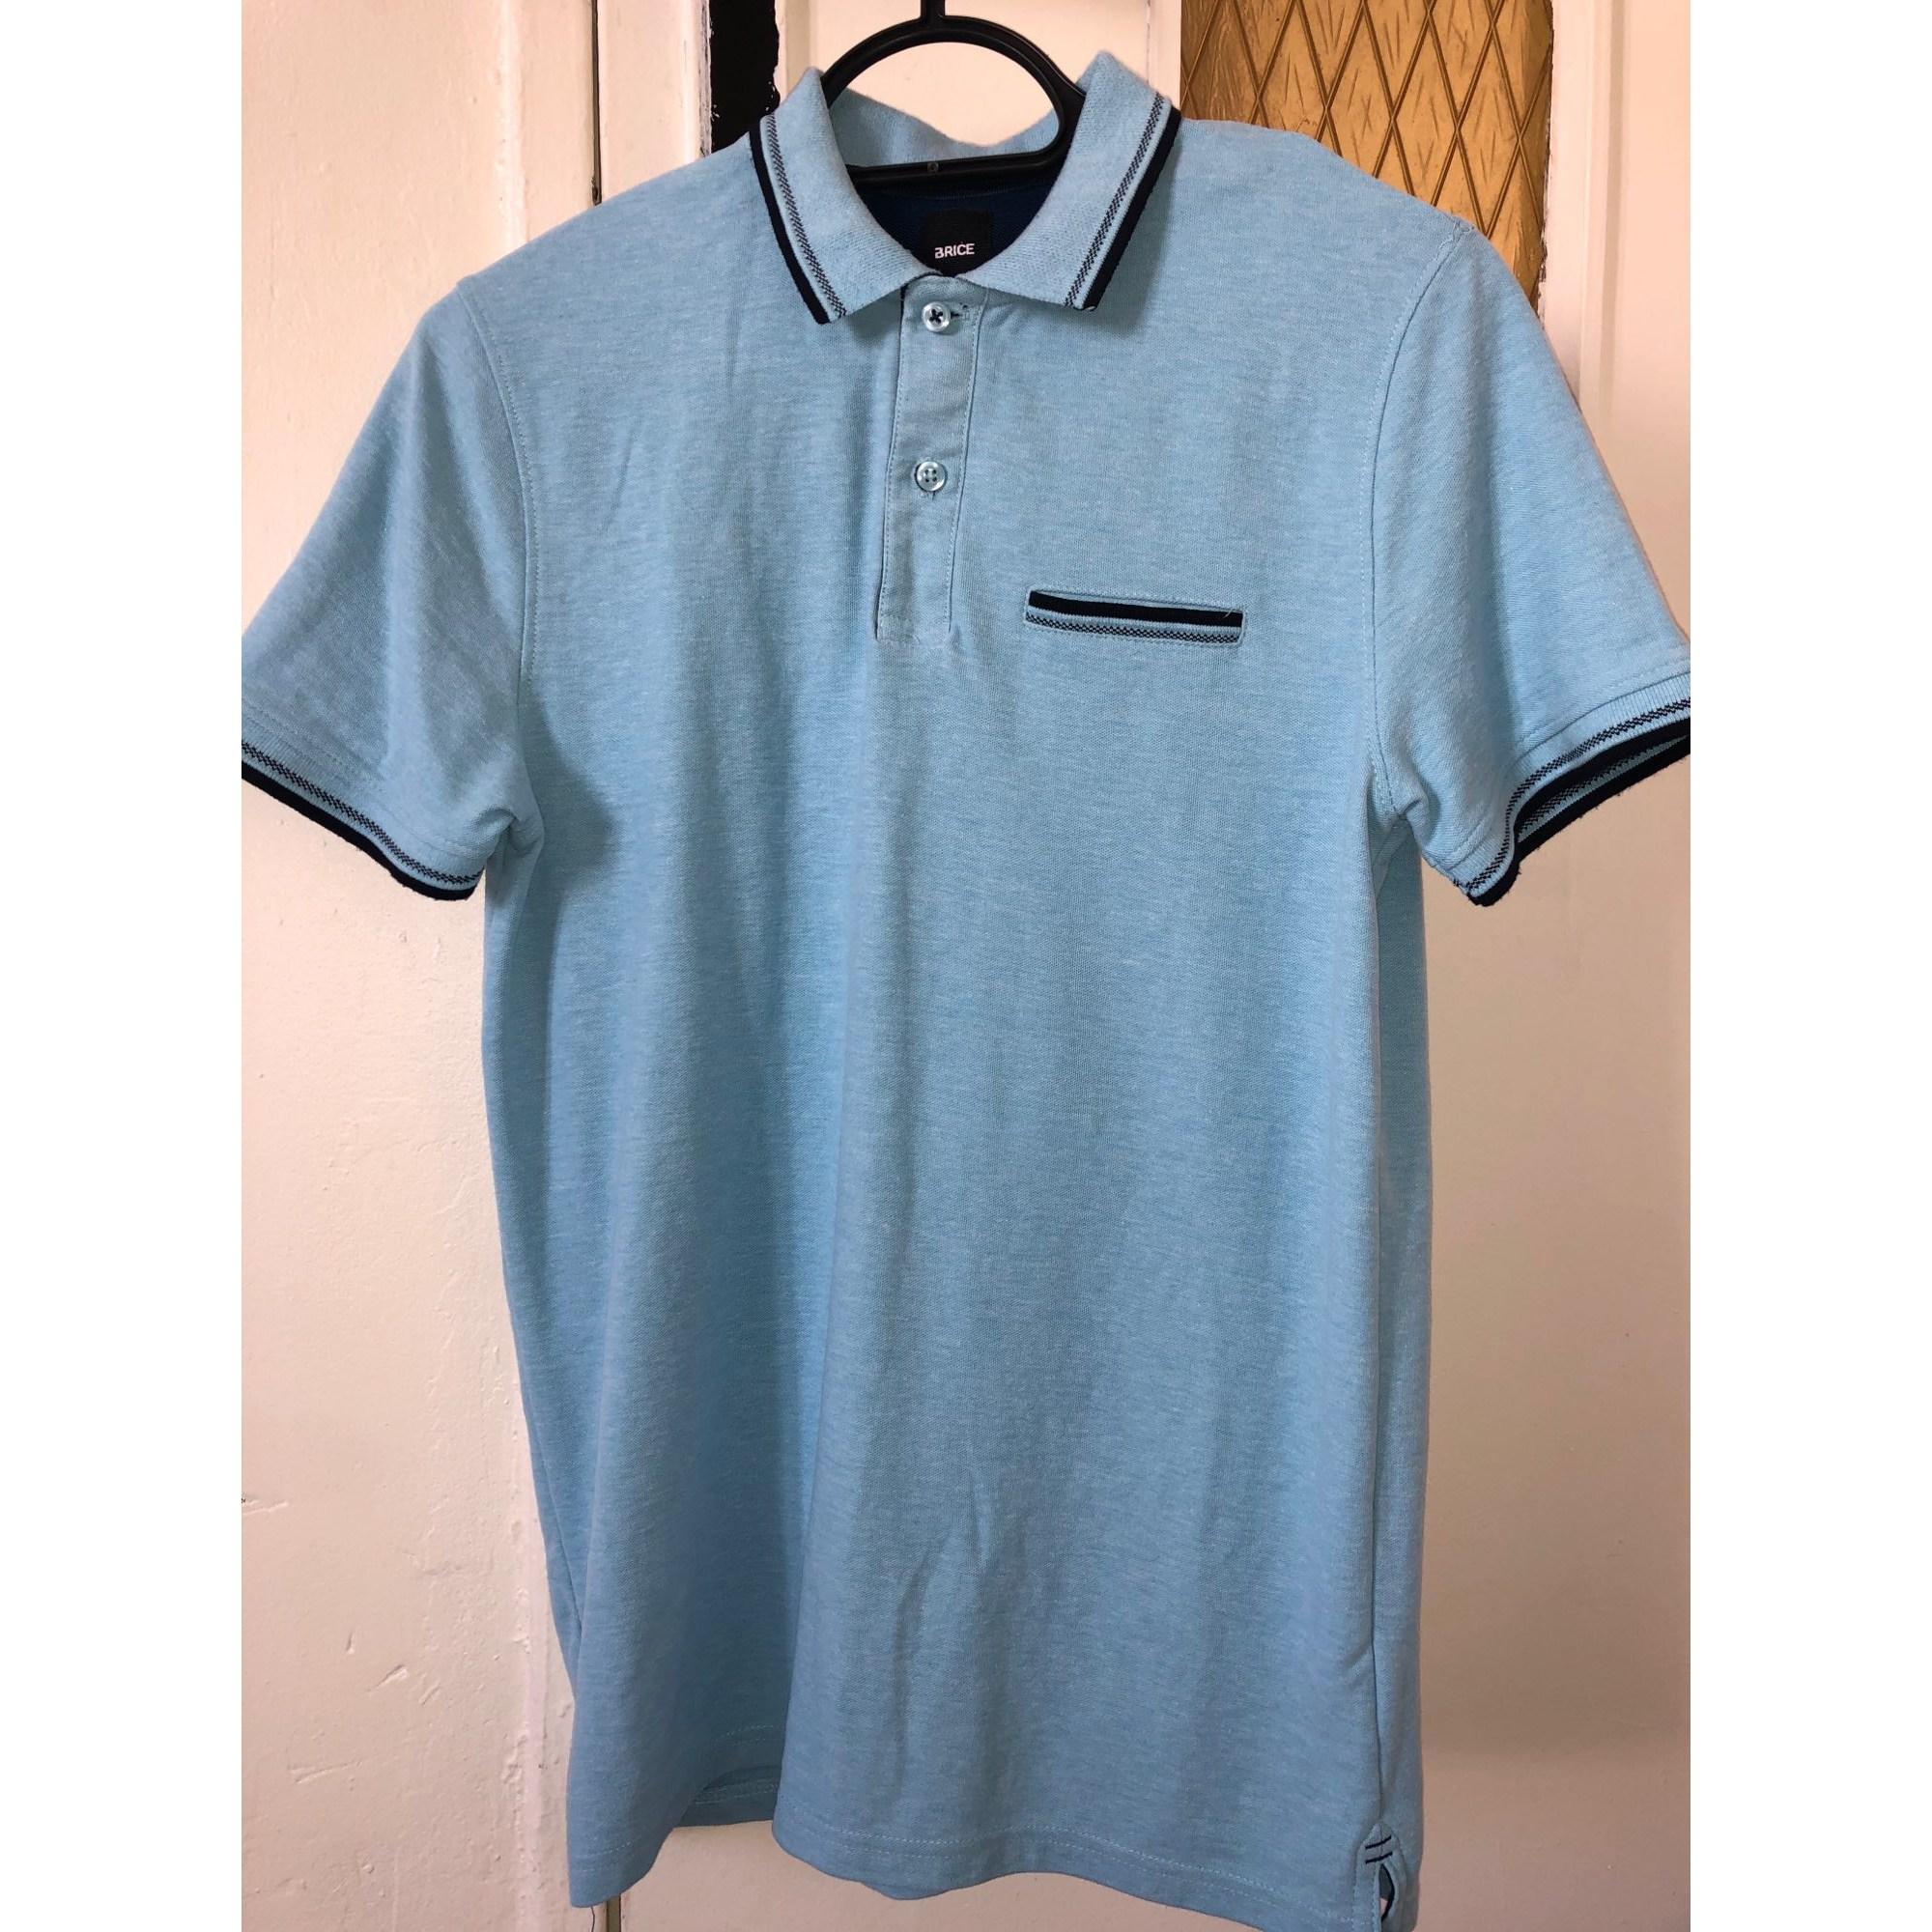 Polo BRICE Bleu, bleu marine, bleu turquoise